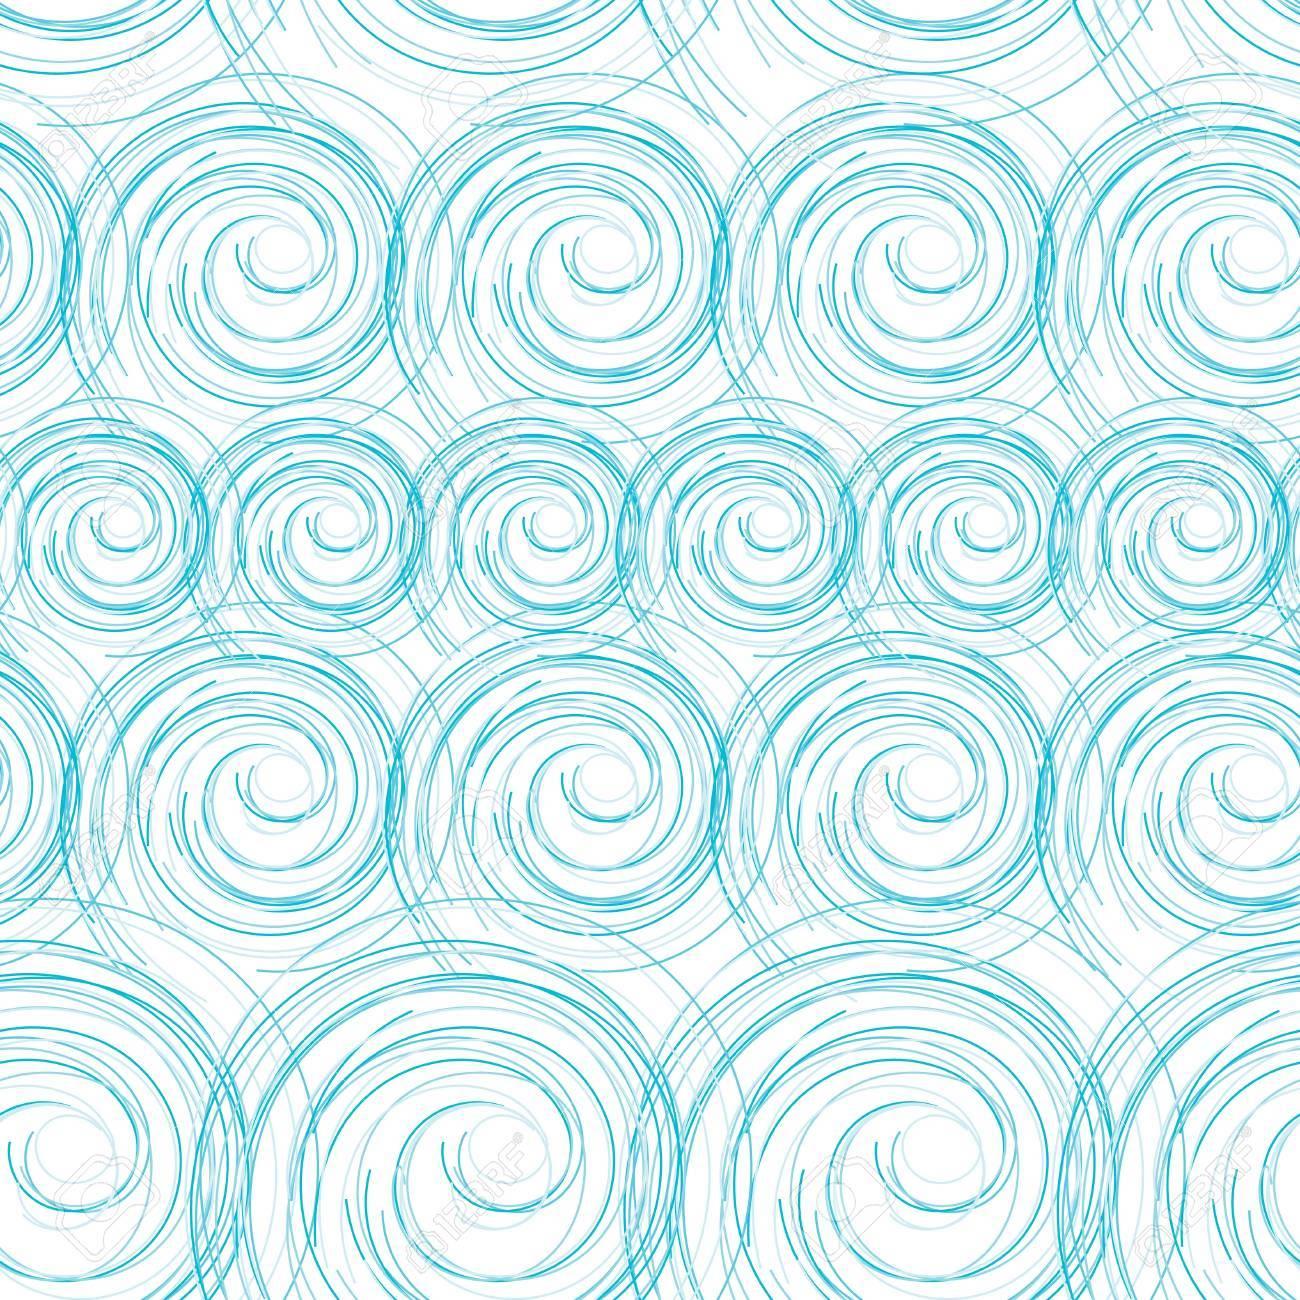 Vettoriale Astratto Onde Del Mare Azzurro Sfondo Senza Soluzione